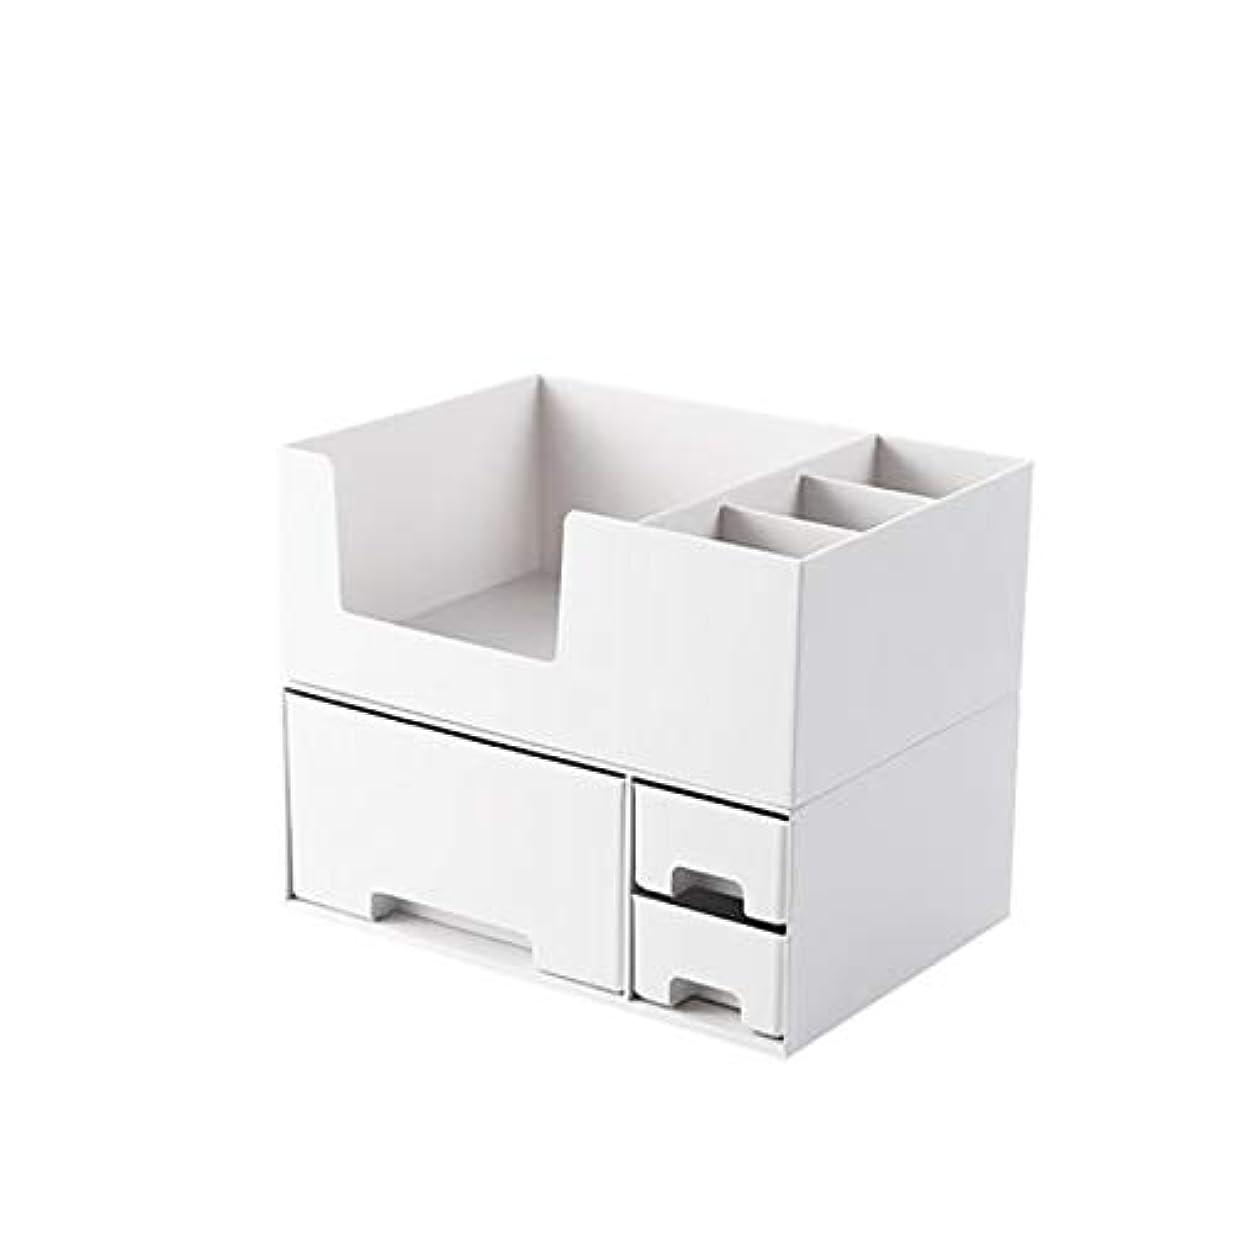 仕事に行くスイス人東DHGE 化粧品収納ボックス 机上収納ボックス 多機能 引き出し付 机上棚 収納 文房具 大容量収納 デスク上置棚  卓上収納ラック